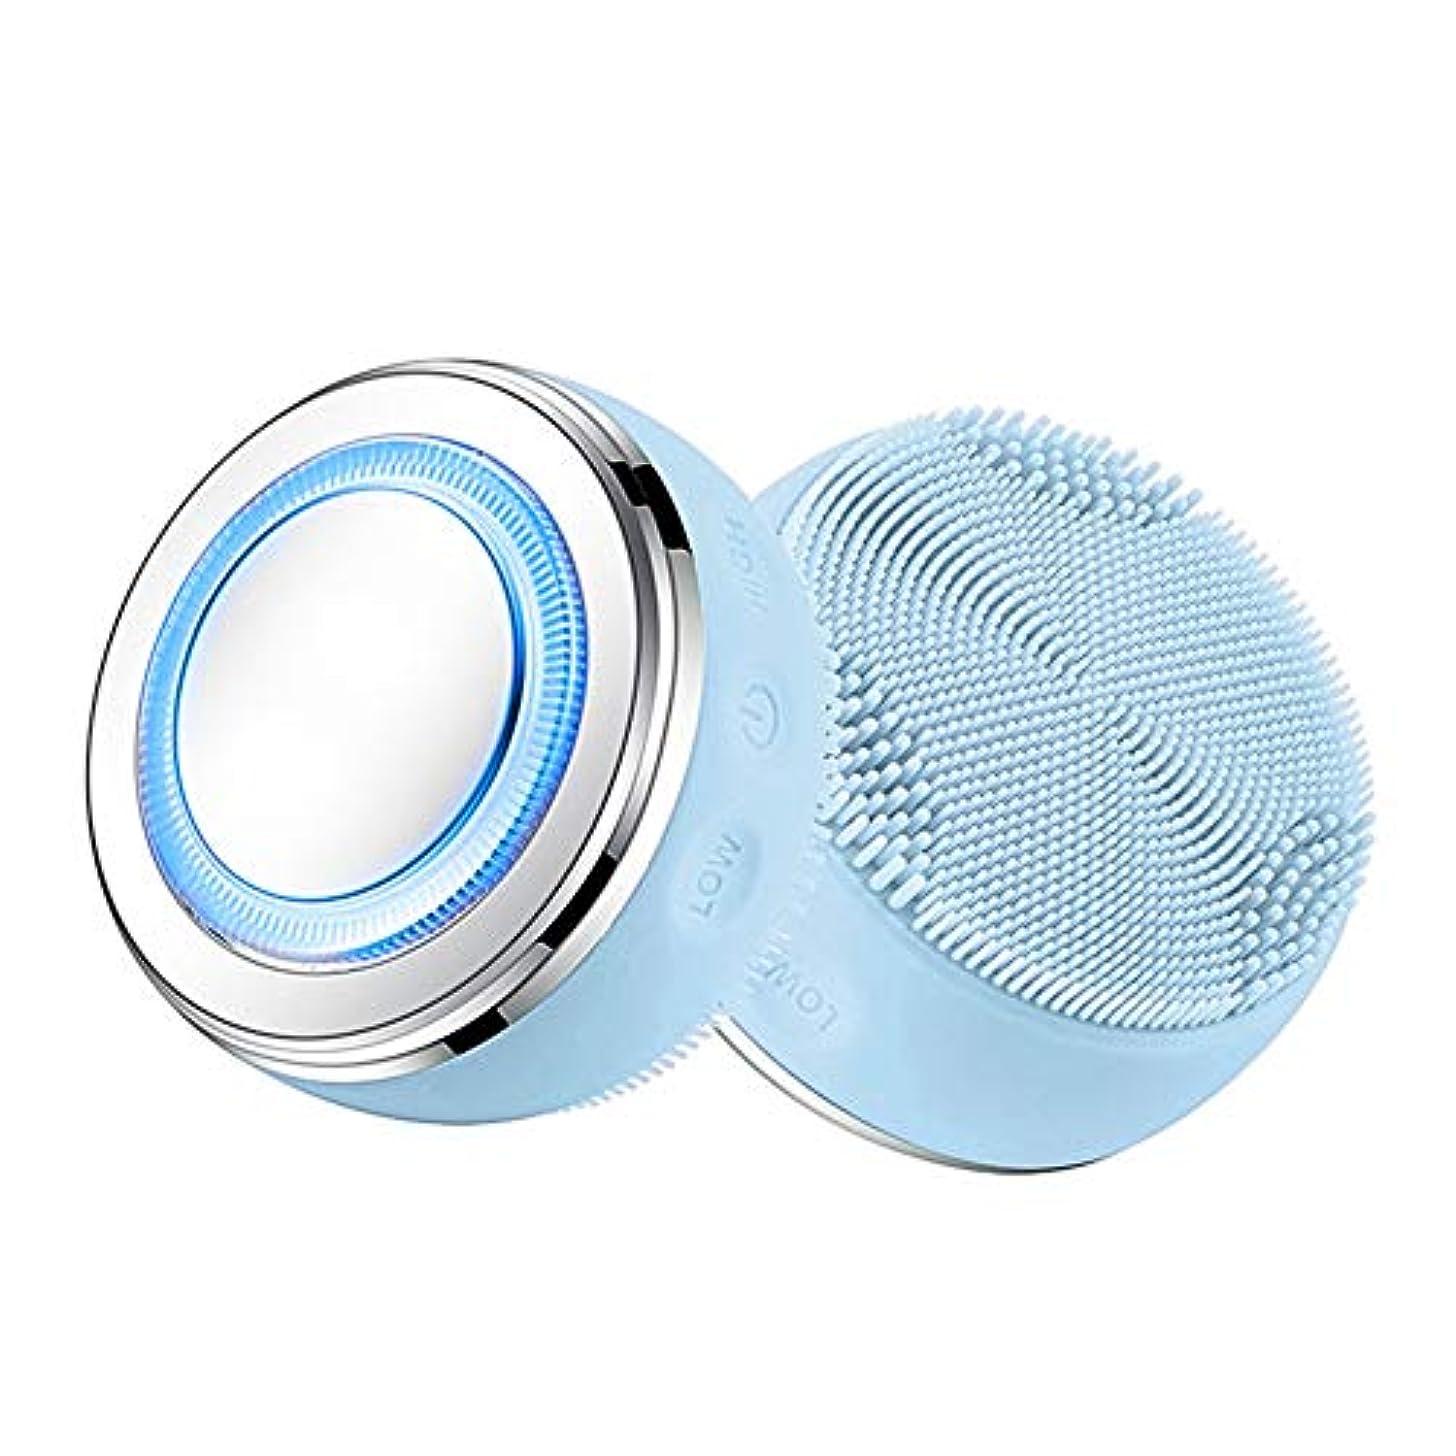 キリスト教肥満レジ2-IN-1クレンジングブラシ、ホットプレスLEDスキンクリーナー、防水シリコーン毛穴クリーナー美顔器